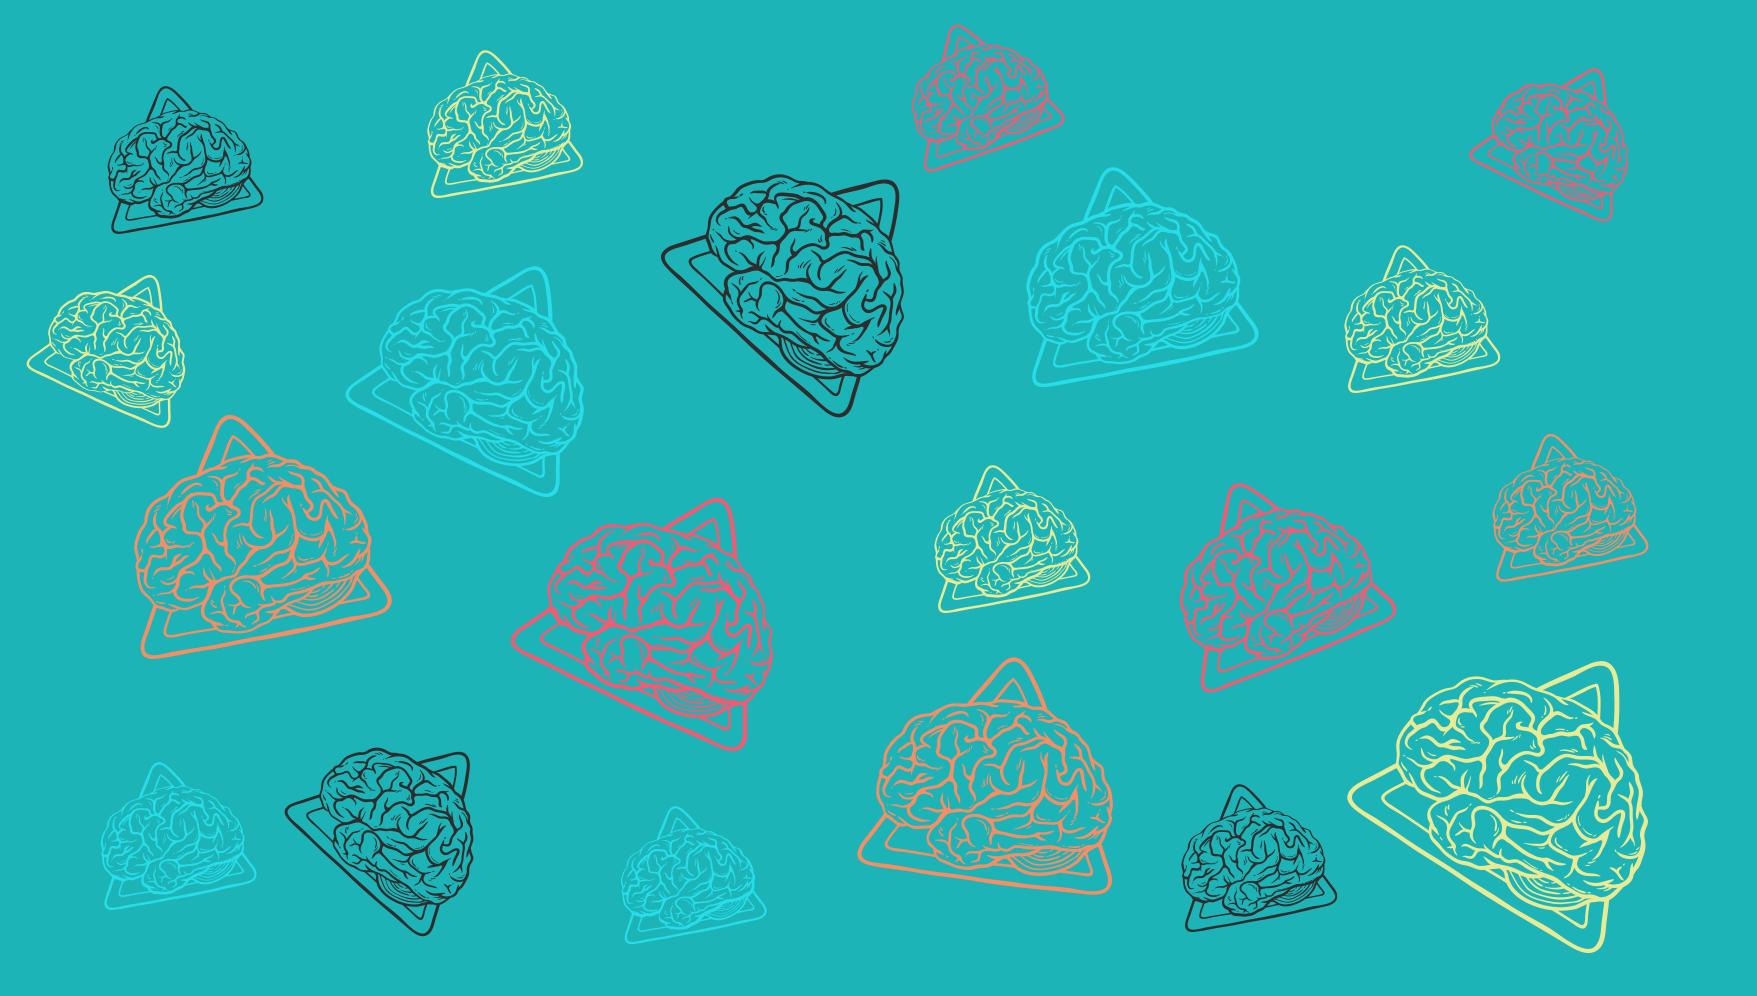 TenVinilo. Alfombra vinilo moderna patrón cerebros azul. ¡Una alfombra vinilo moderna de dibujos animados maravillosamente colorida con muchos cerebros! Regístrese en línea para obtener un 10% de descuento